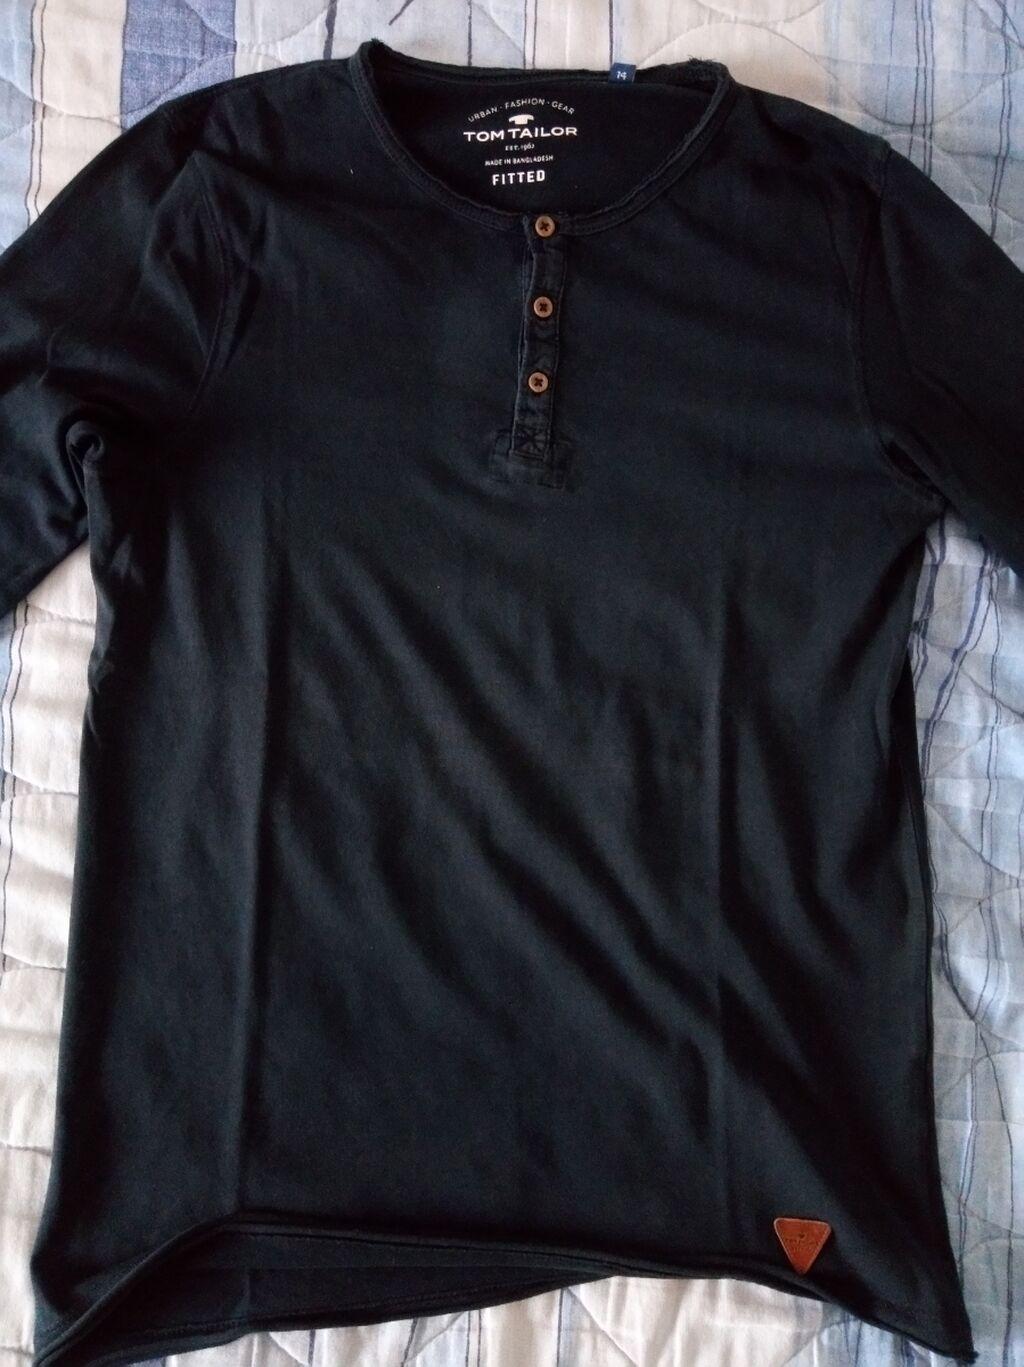 Košulje i bluze - Beograd: Tom Tailor Original bluza skoro kao nova!